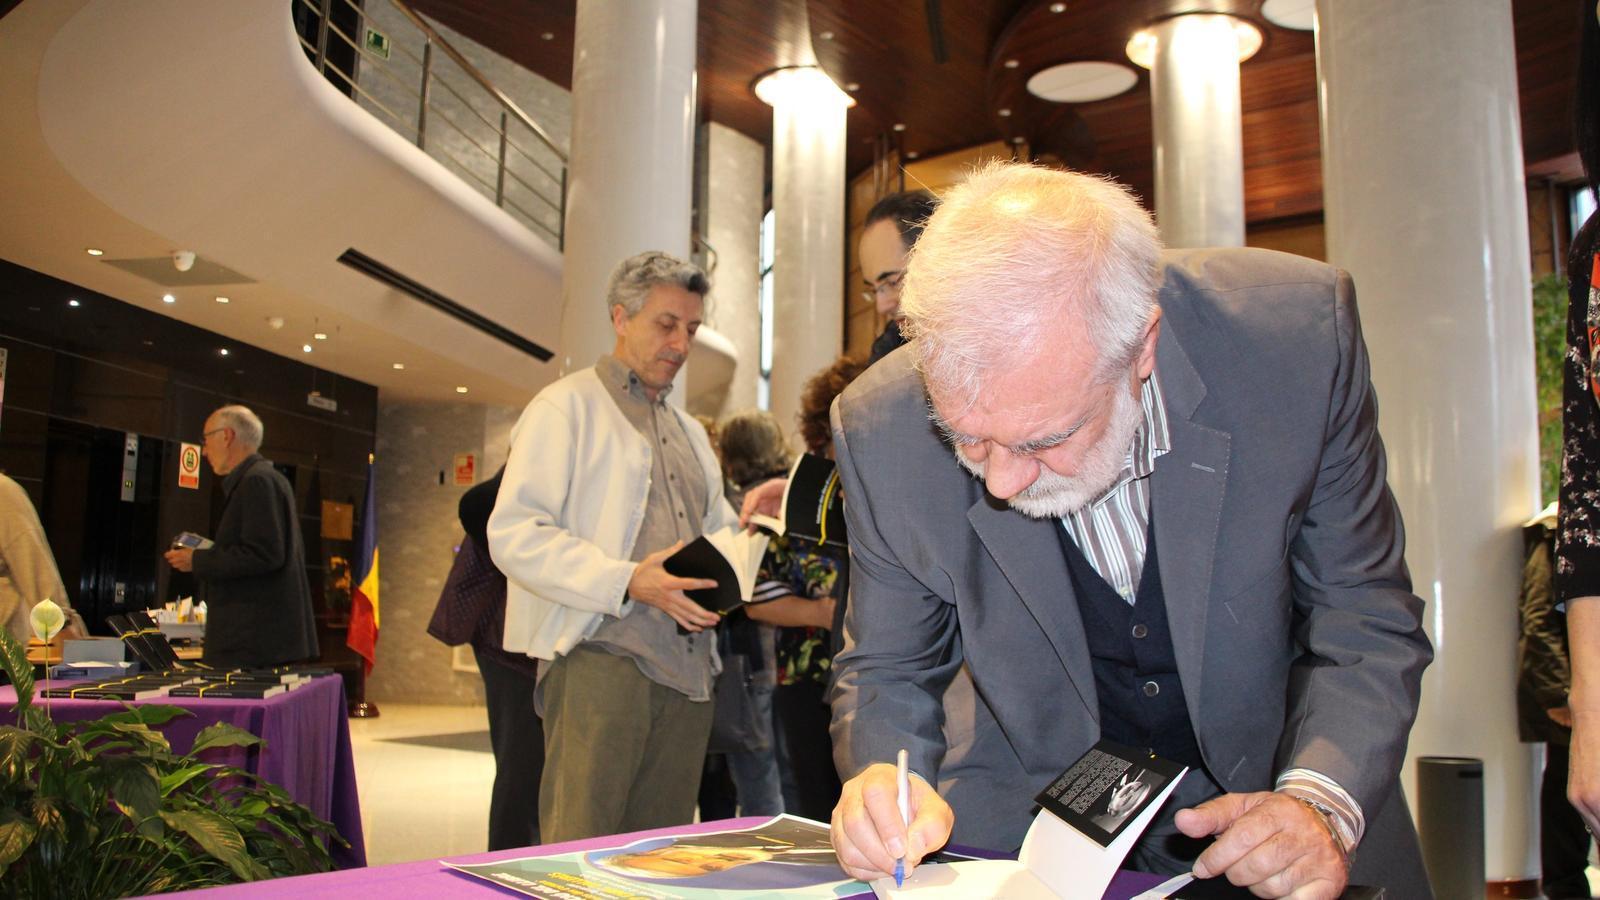 L'escriptor Josep Enric Dallerès firma un exemplar del seu poemari. / E. J. M. (ANA)